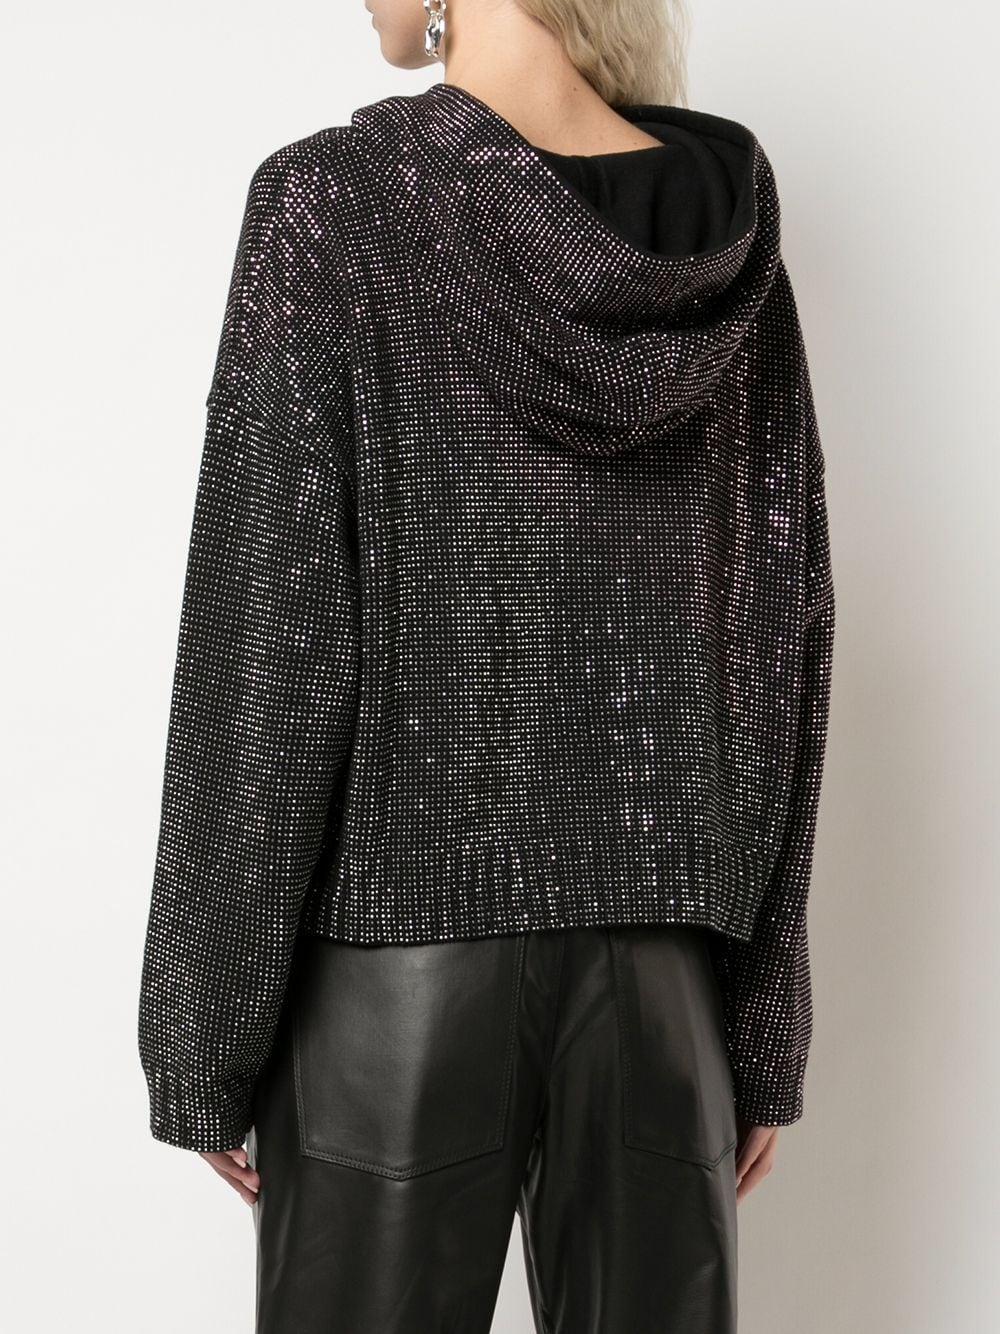 Sudadera oversize con capucha y apliques RTA de Tejido sintético de color Negro